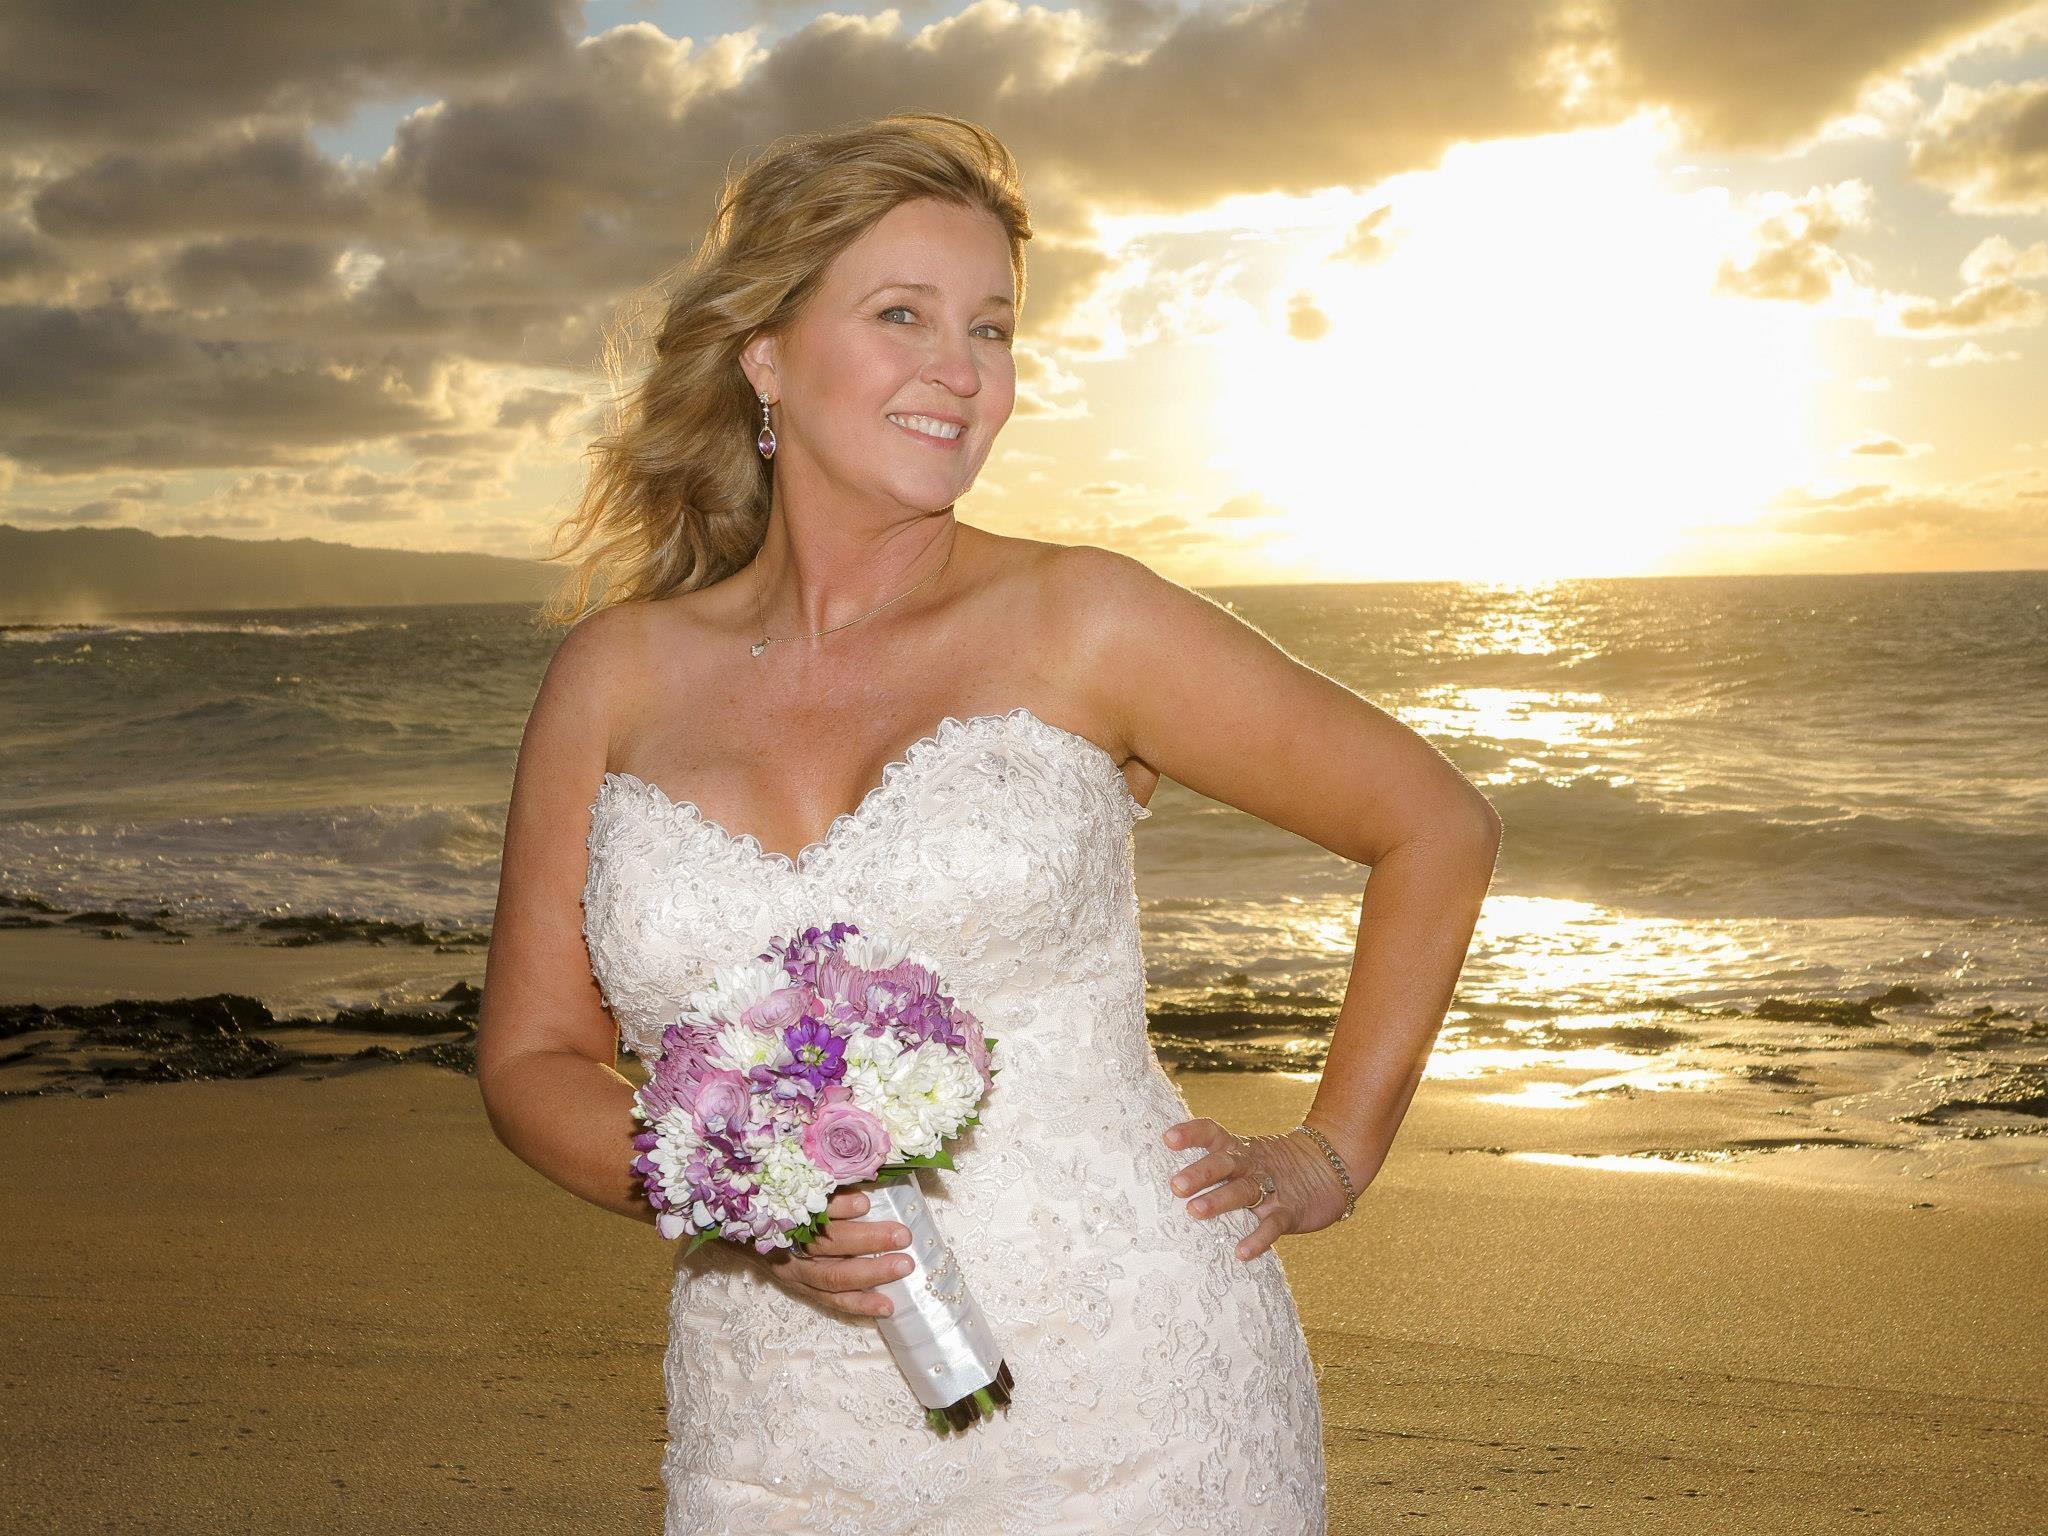 Kostenlose foto : Person, Frau, Fotografie, Modell-, Romantik ...